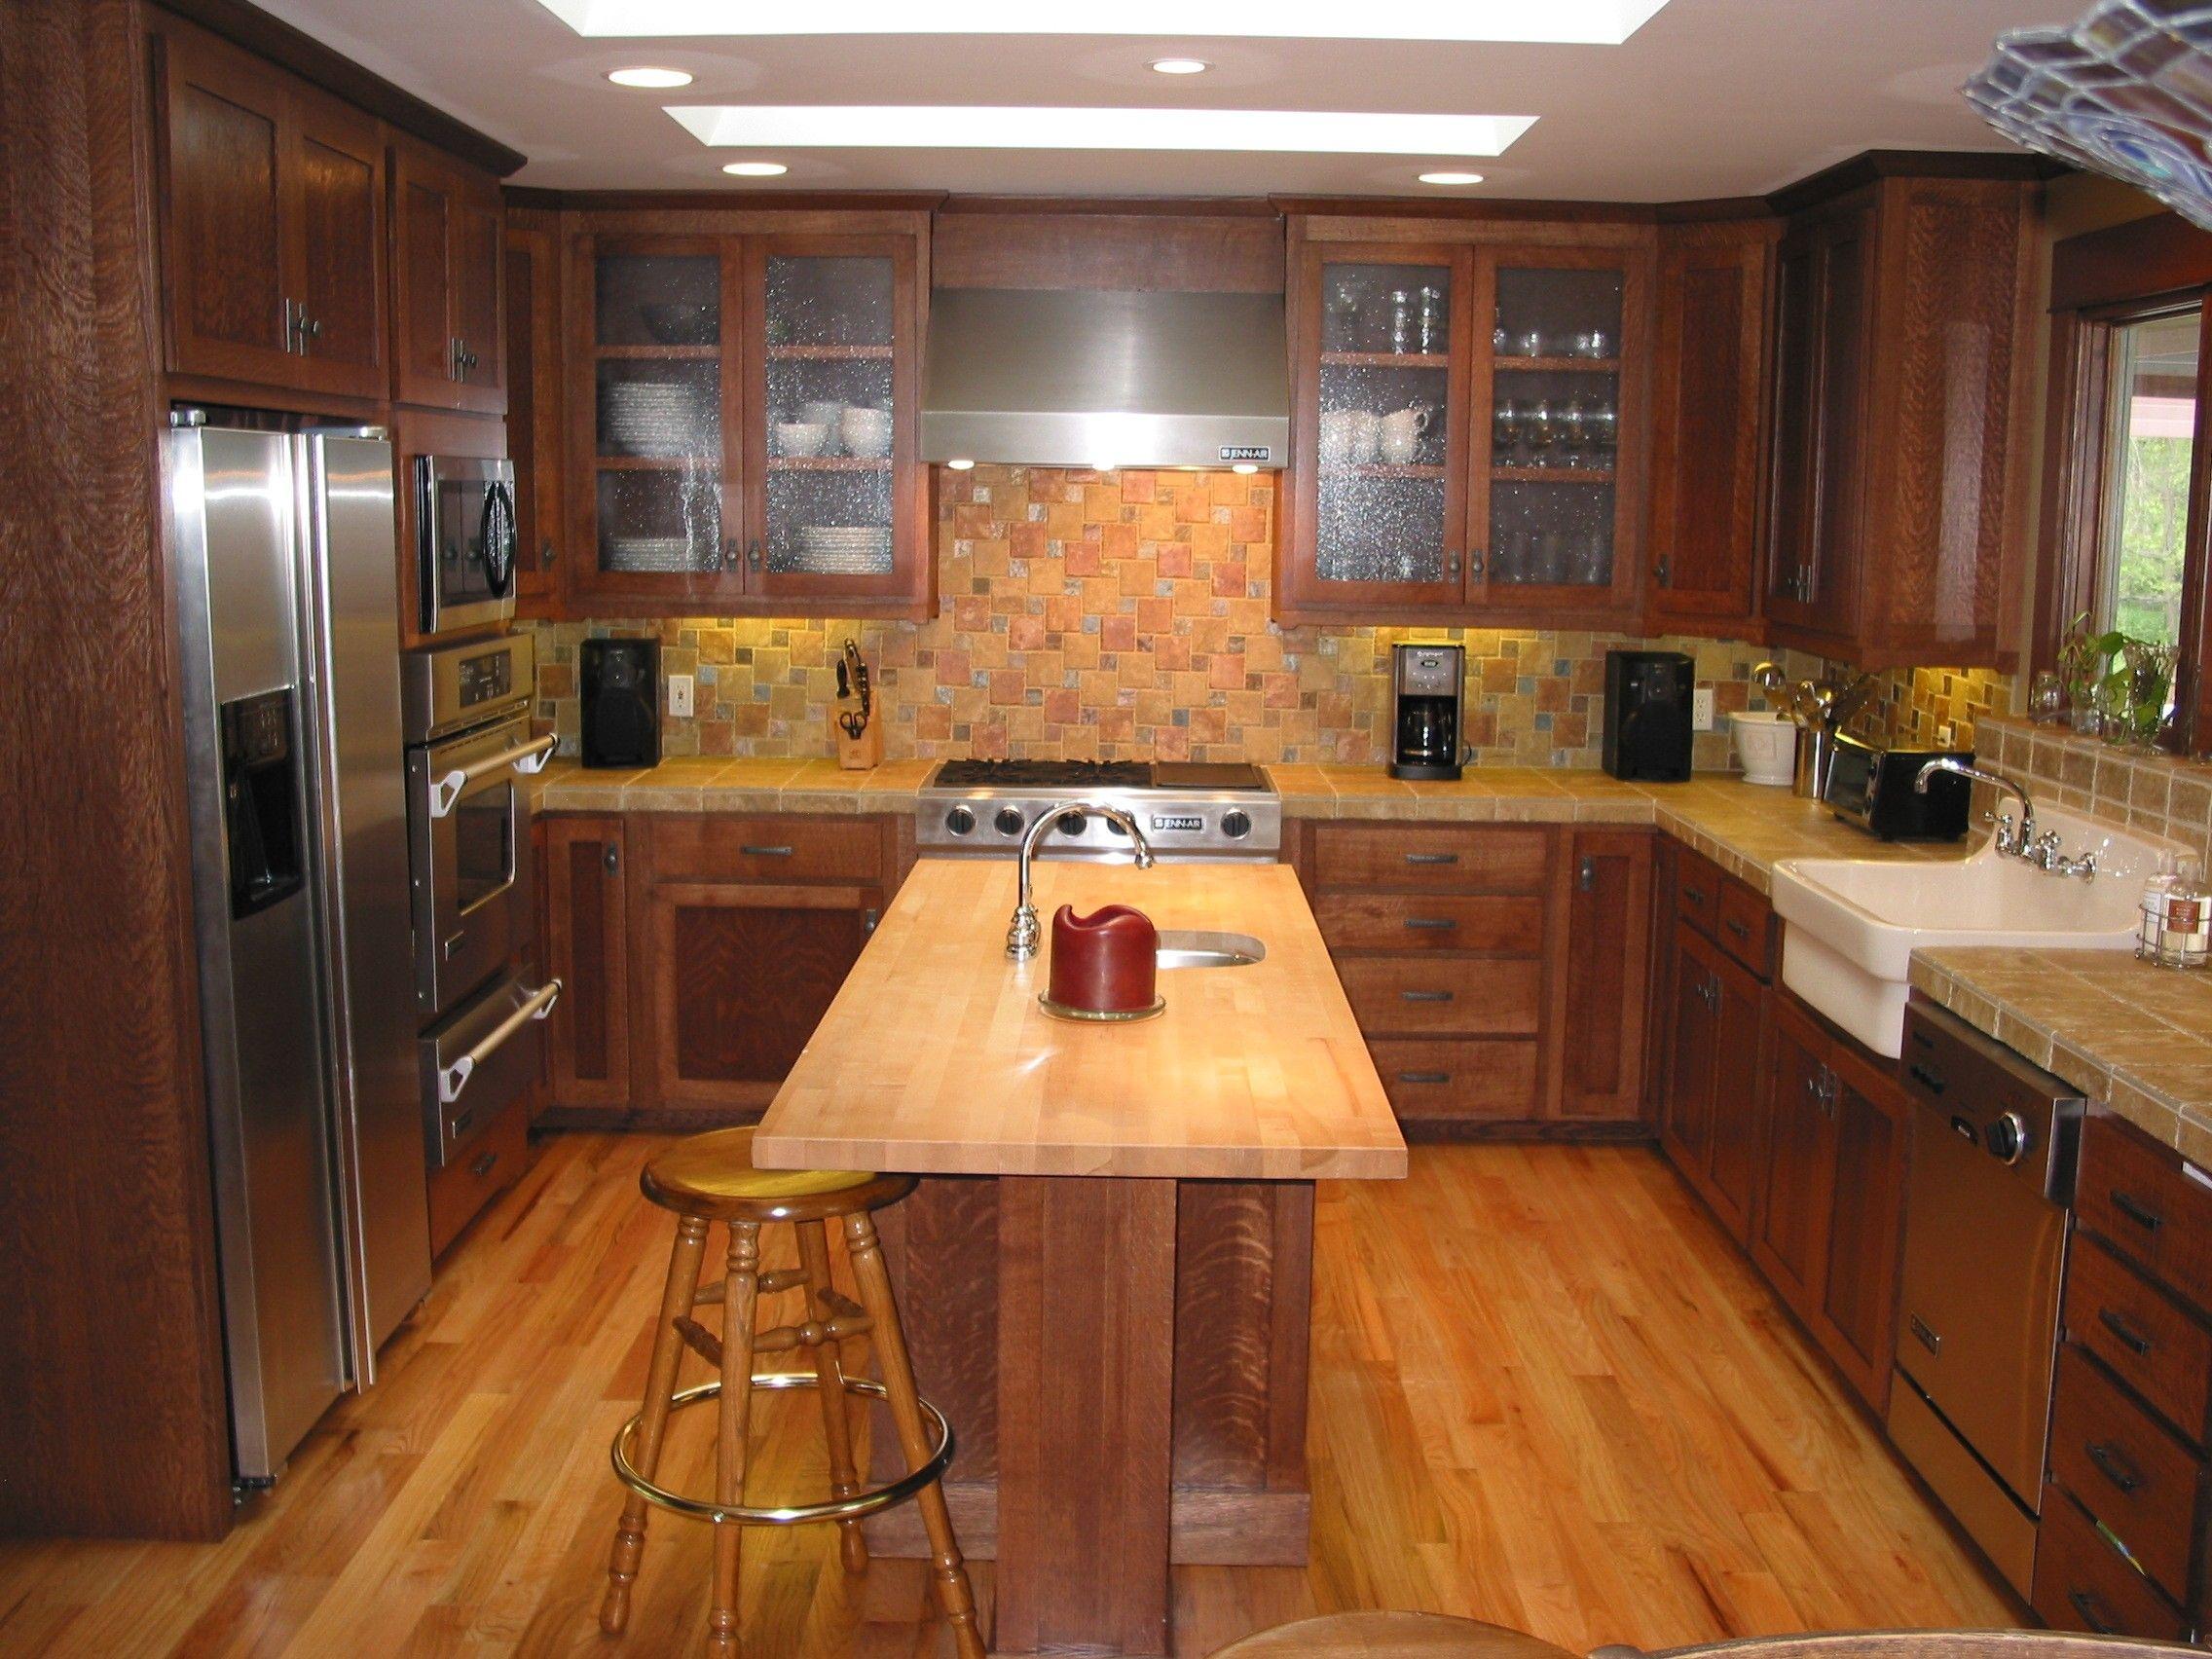 Kitchen Bath Fine Designs By Gargiulo Mission Style Kitchen Cabinets Kitchen Cabinet Styles Mission Style Kitchens